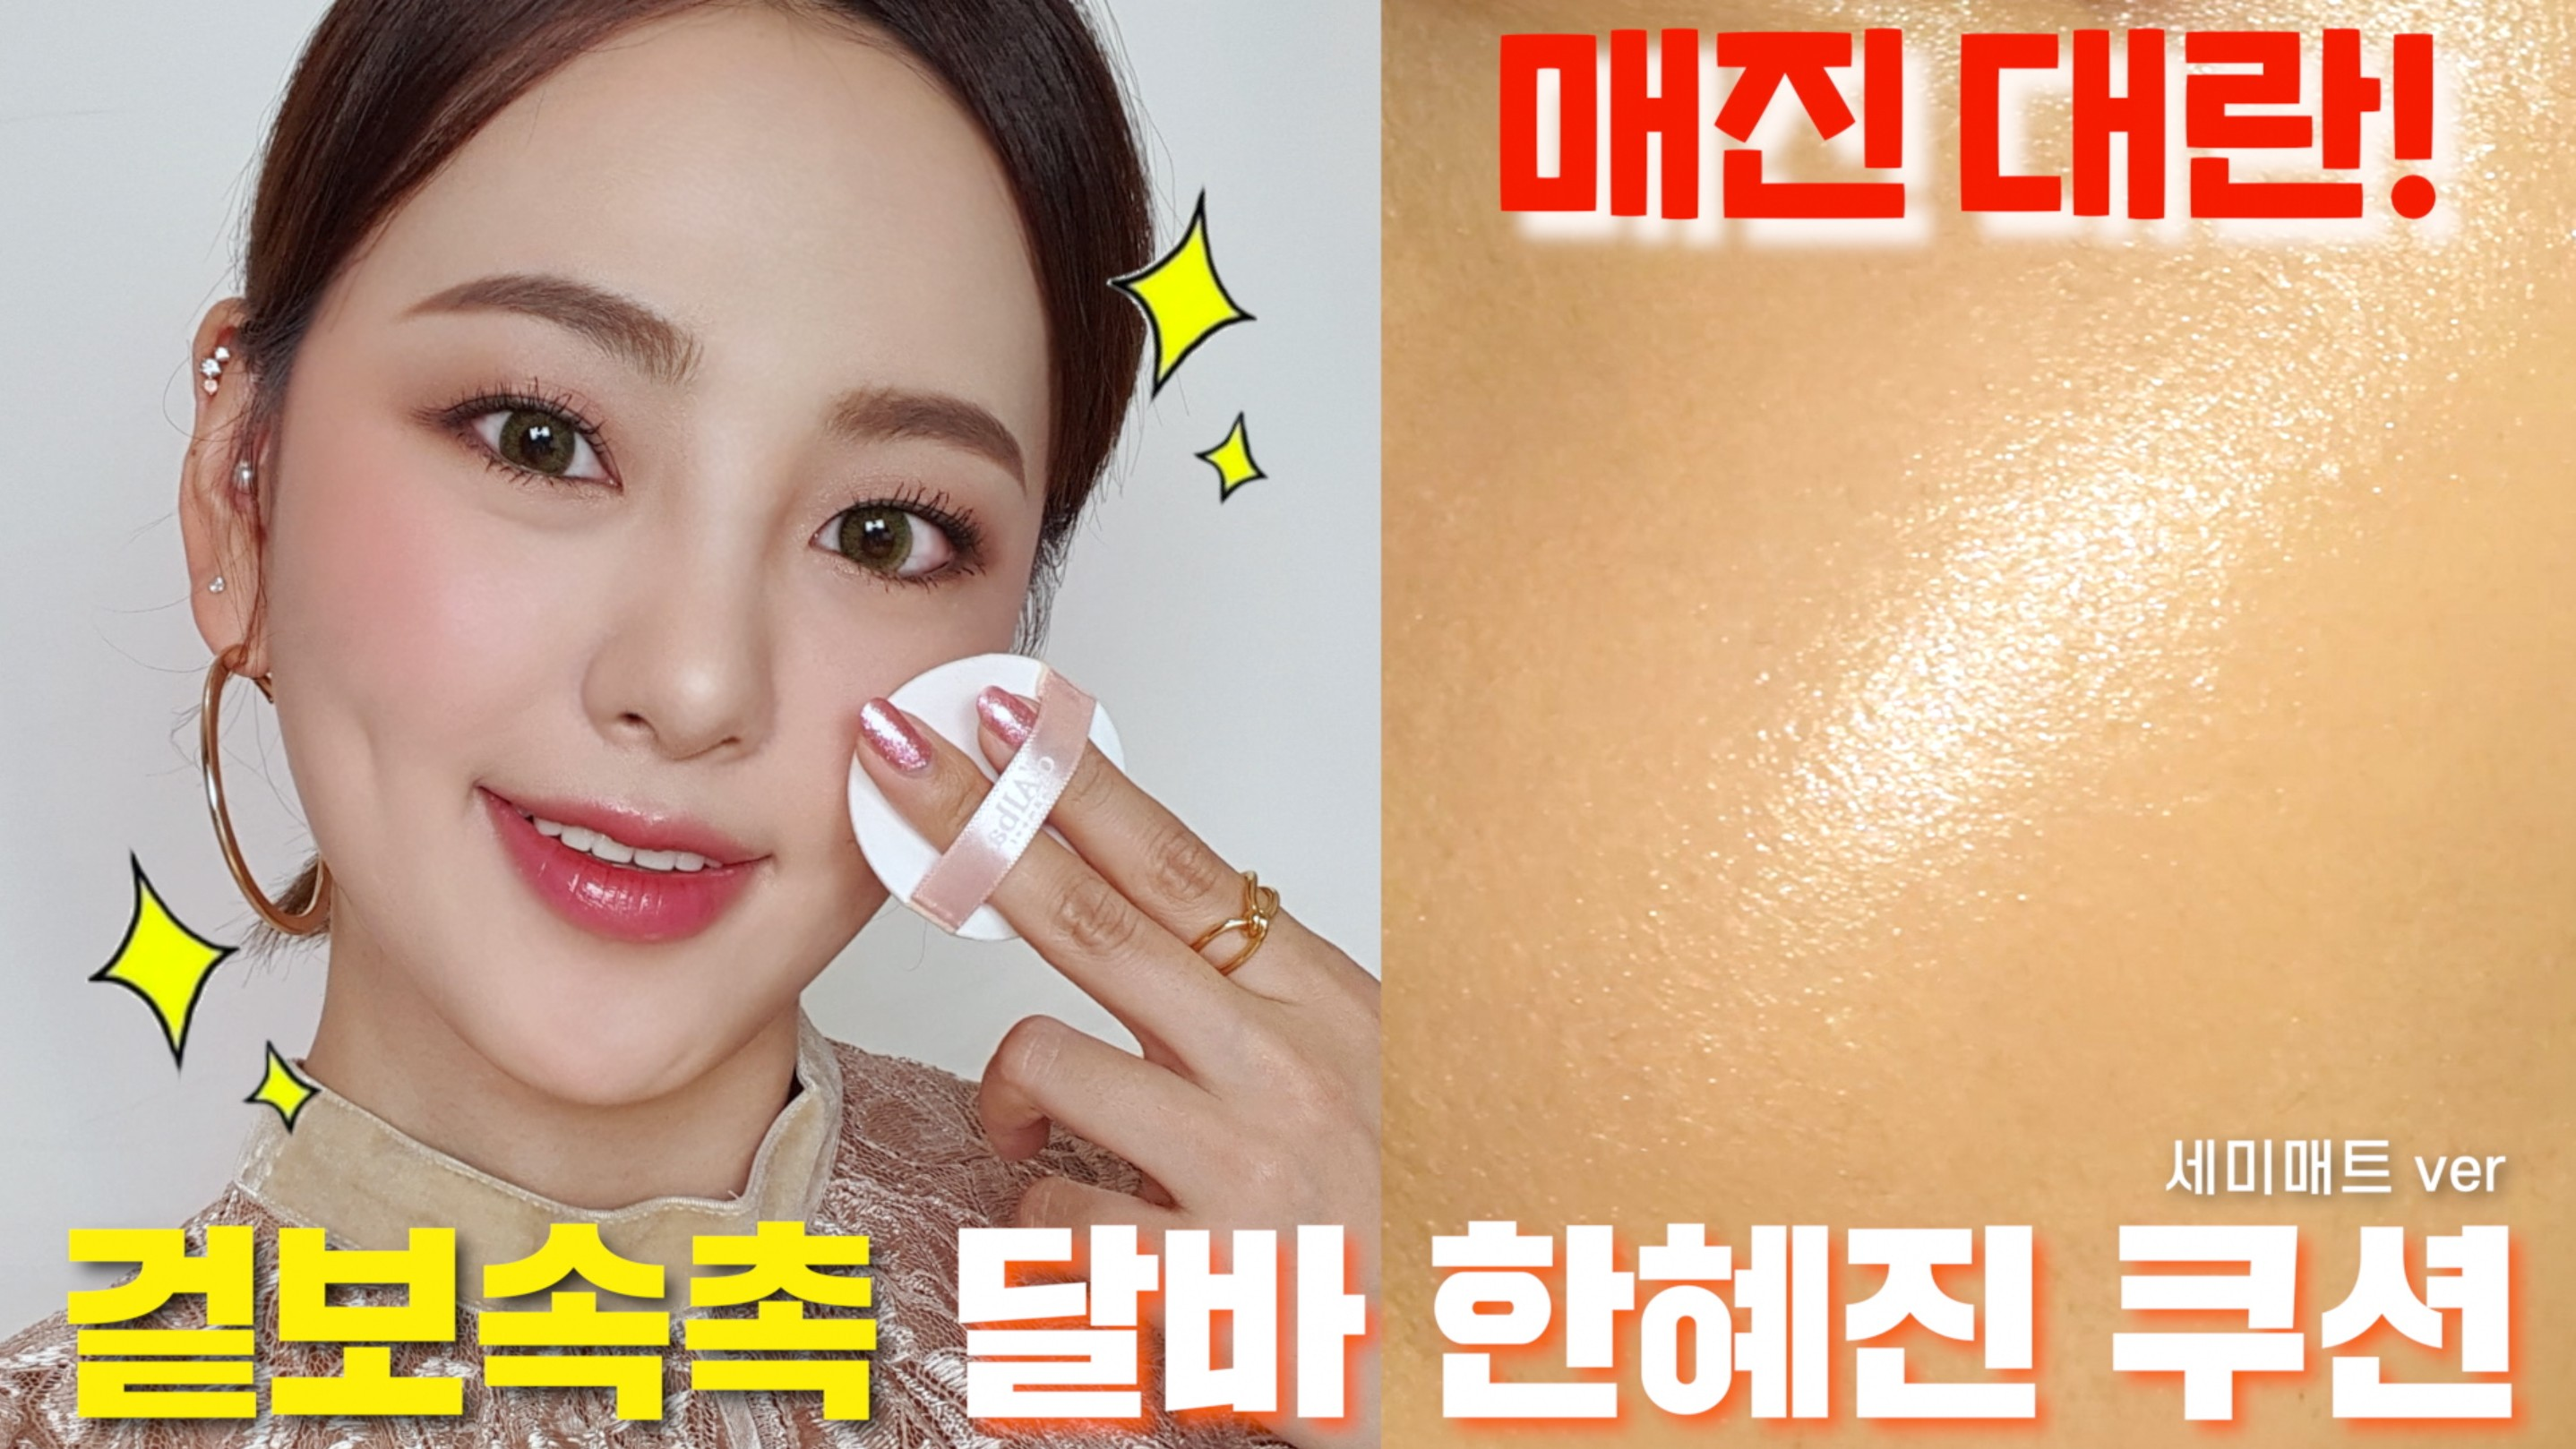 [뷰스타마켓] 겉보속촉! 피부 타입별 겨울철 피부 메이크업 꿀팁+꿀조합템 소개!